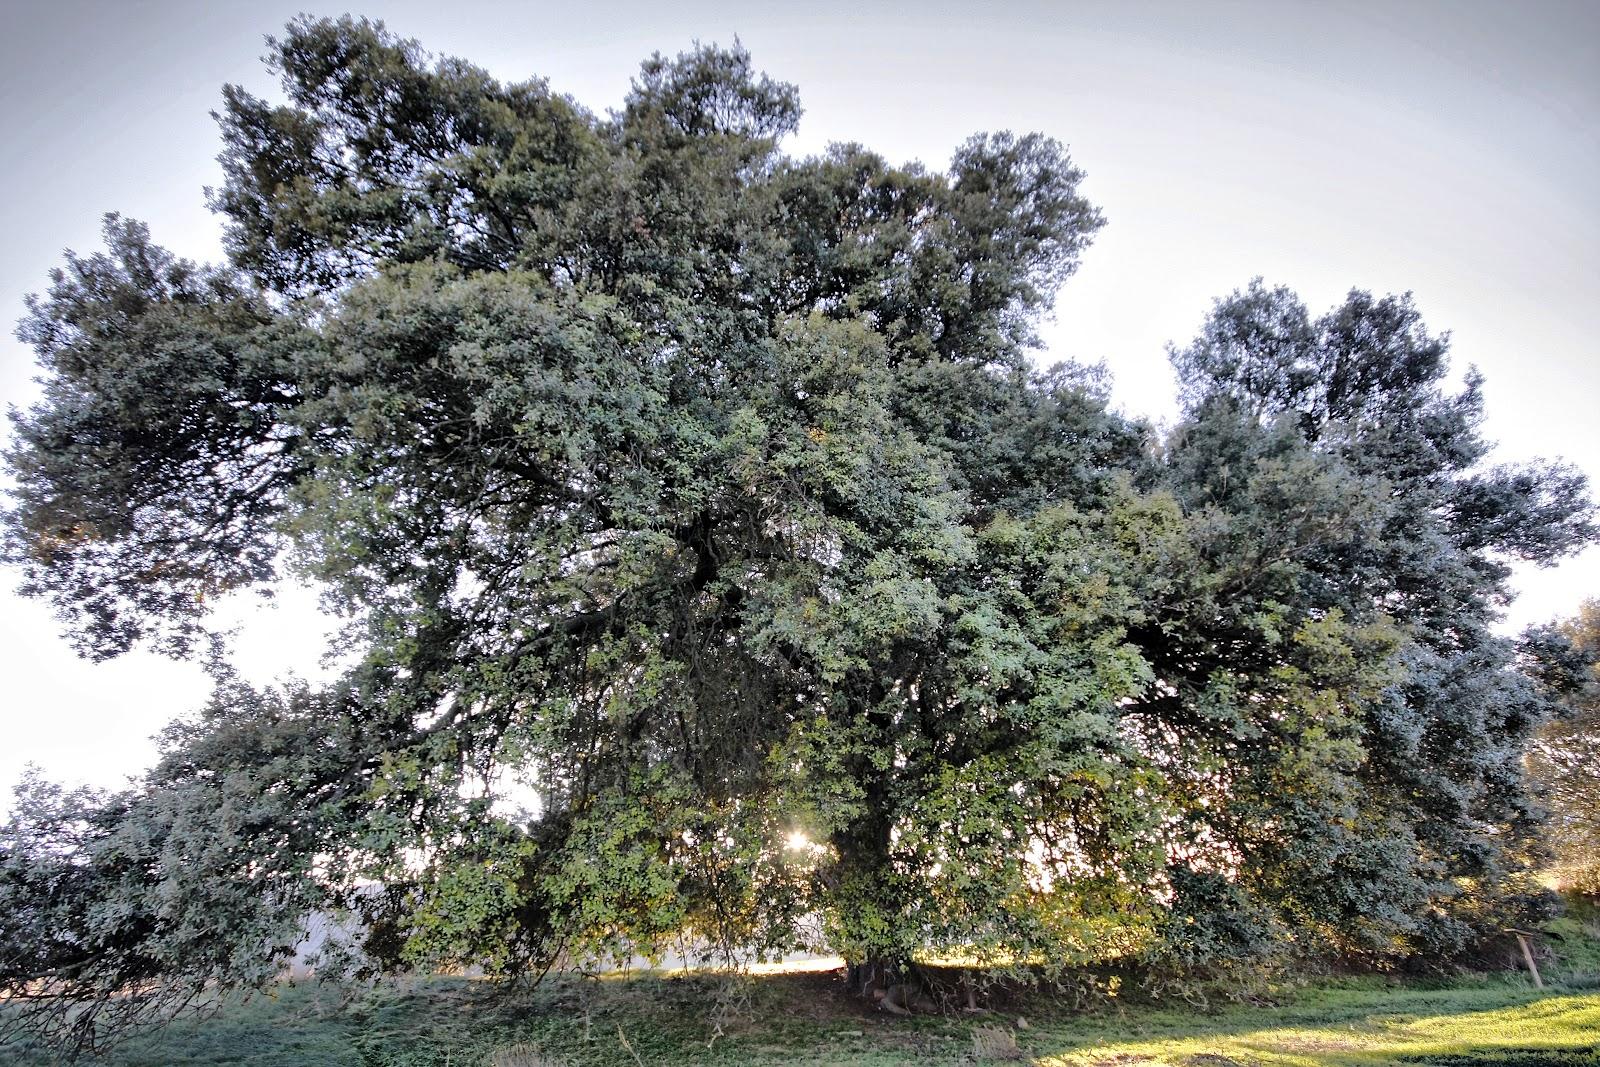 ... la guía de Monumentos Naturales de Navarra. El Encino de Cábrega